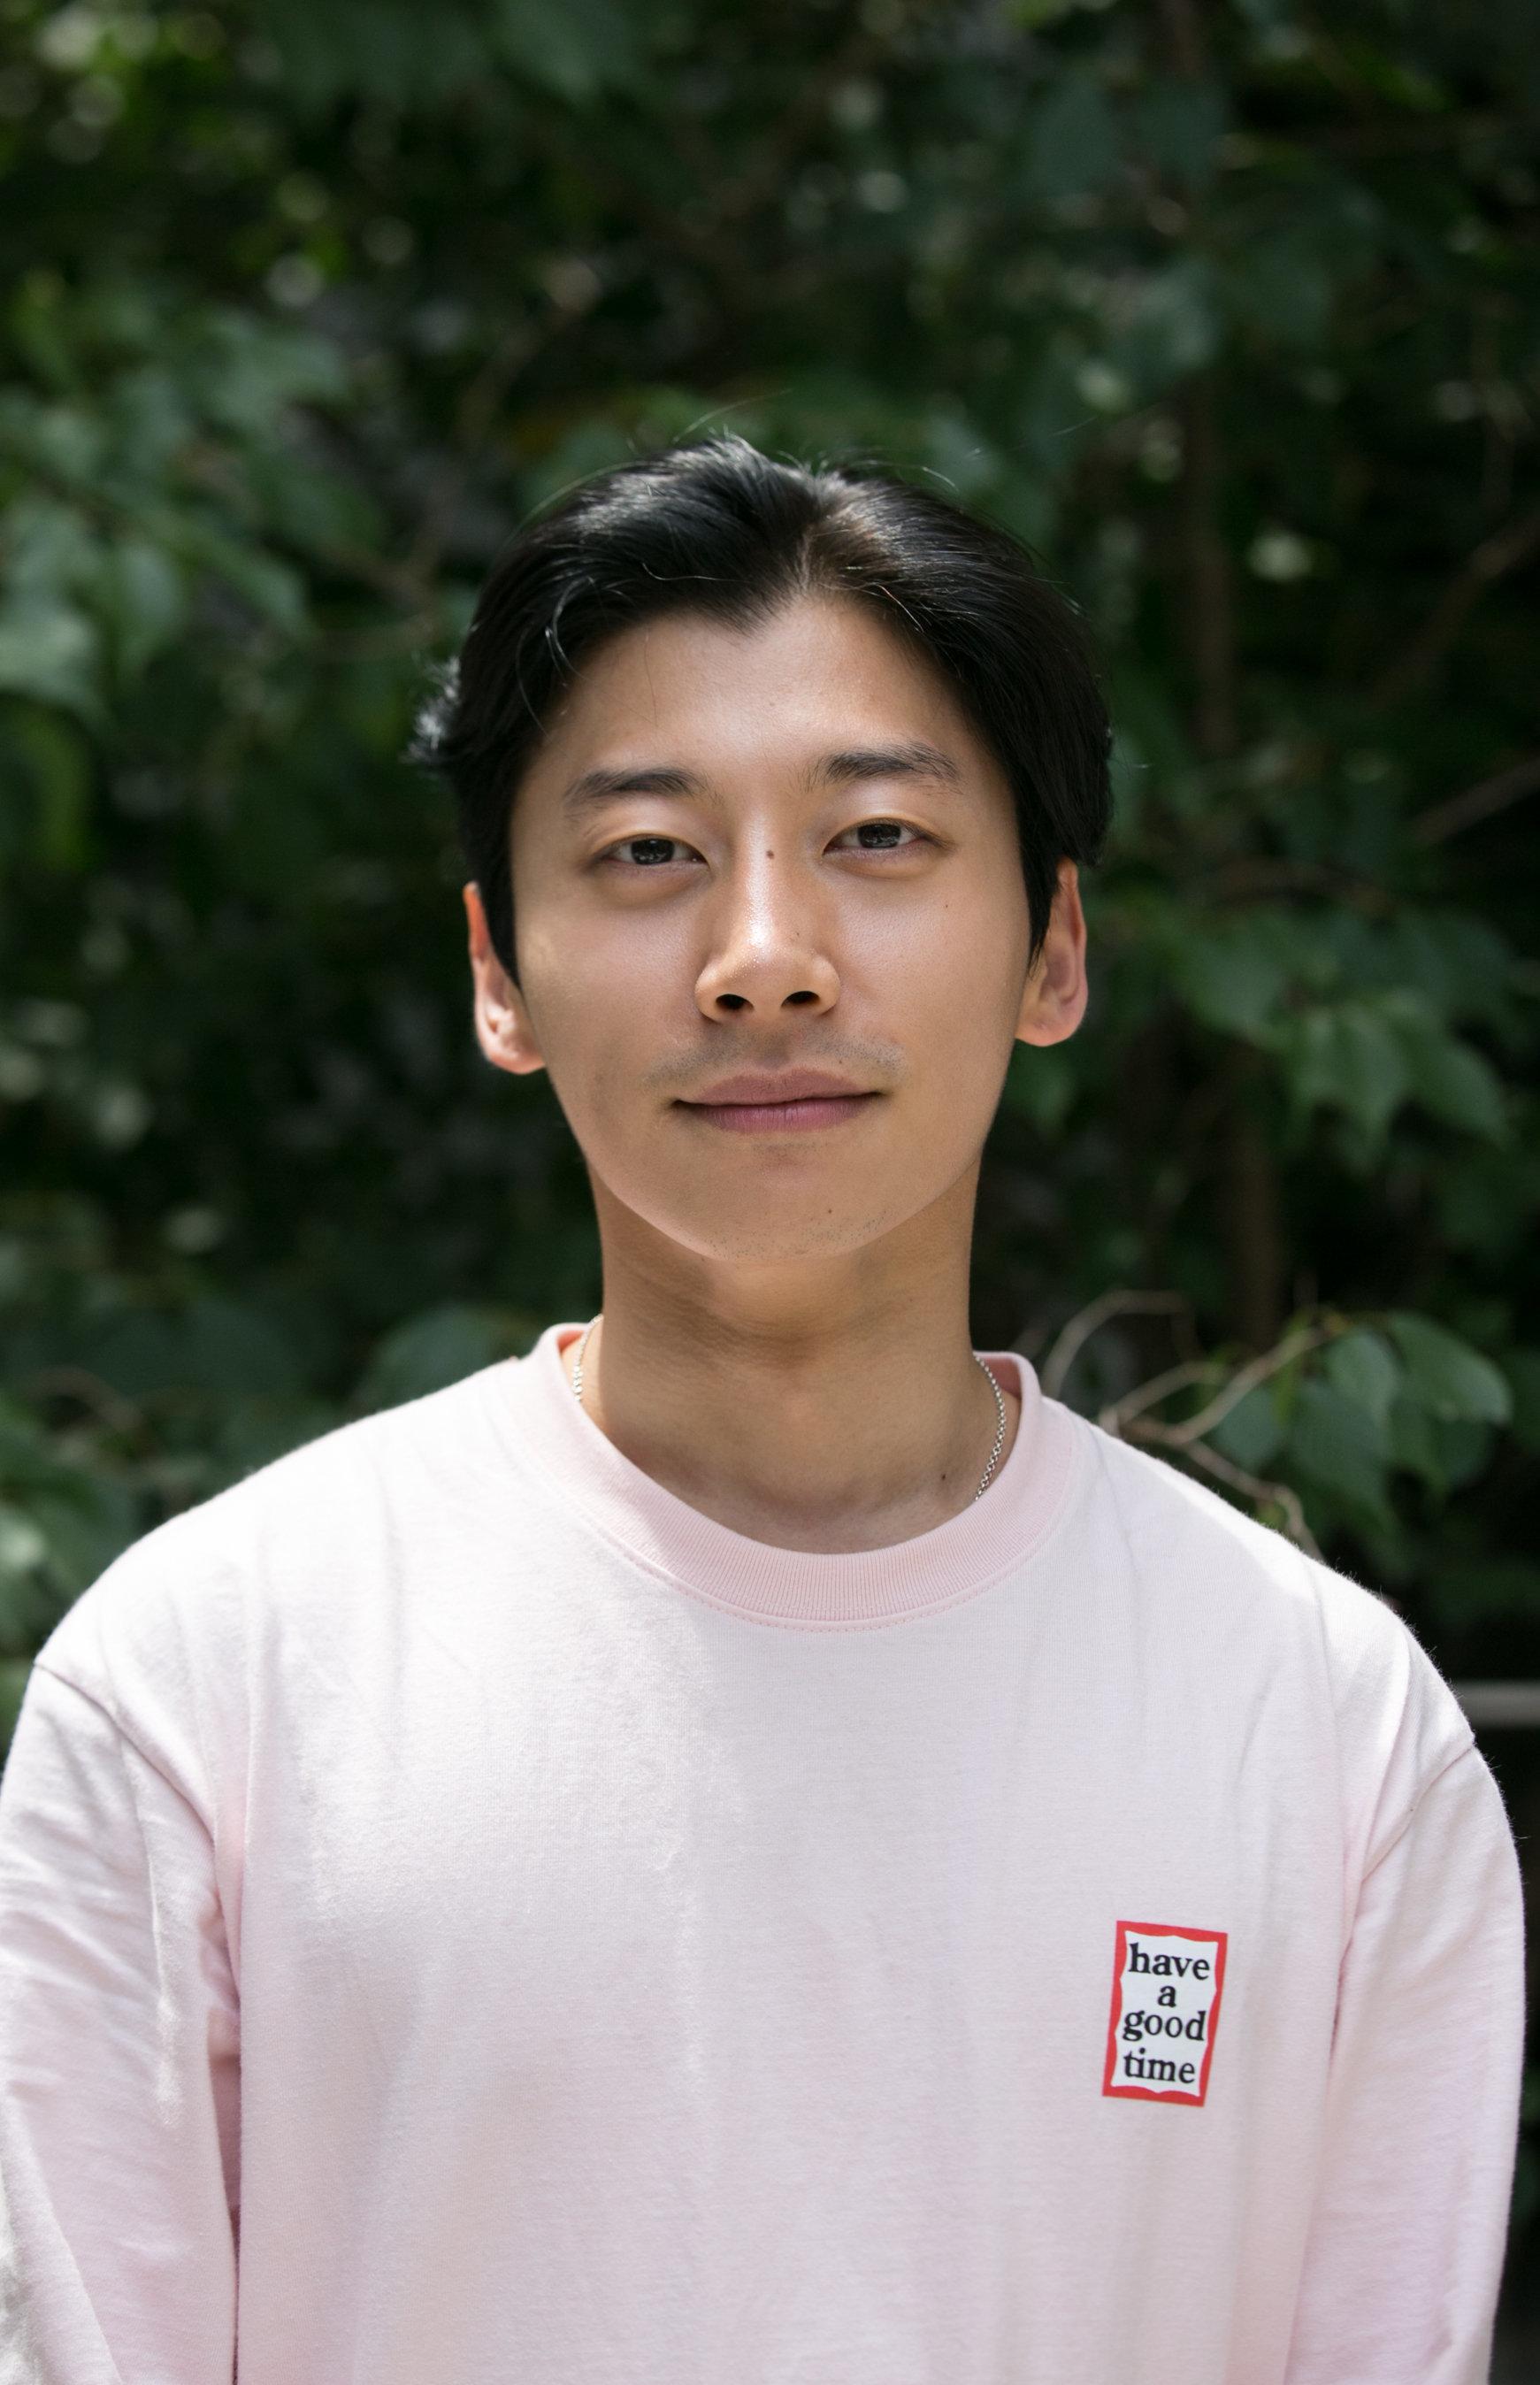 [허프인터뷰] 곽윤기는 '징글징글하다'는 말을 들을 때까지 달리고 싶다